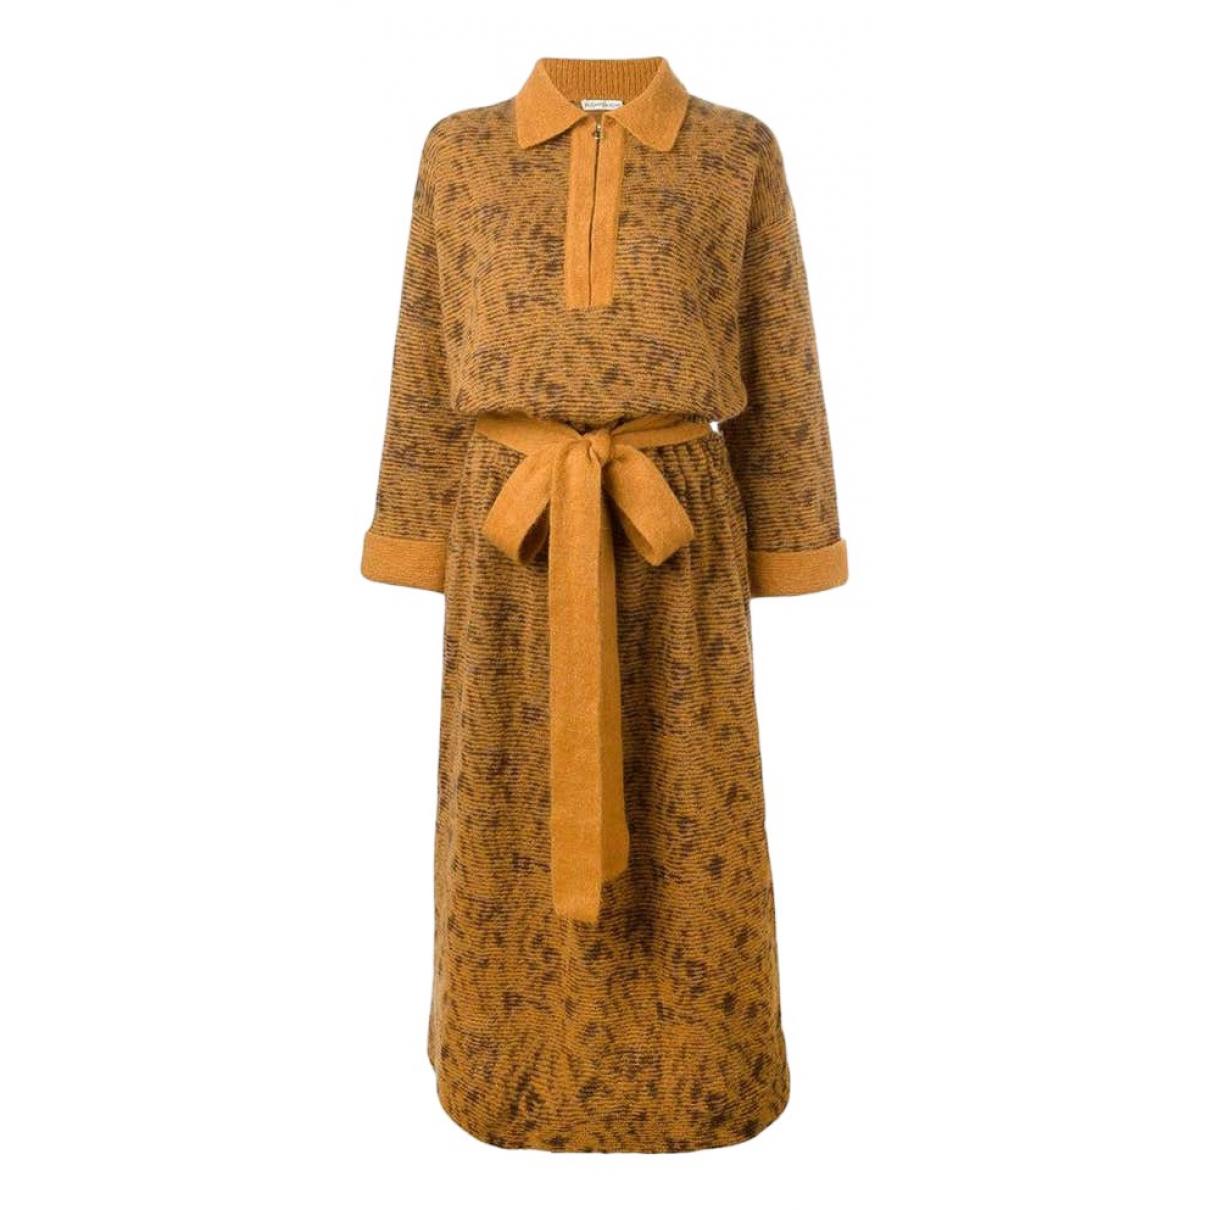 Yves Saint Laurent \N Kleid in  Gelb Wolle